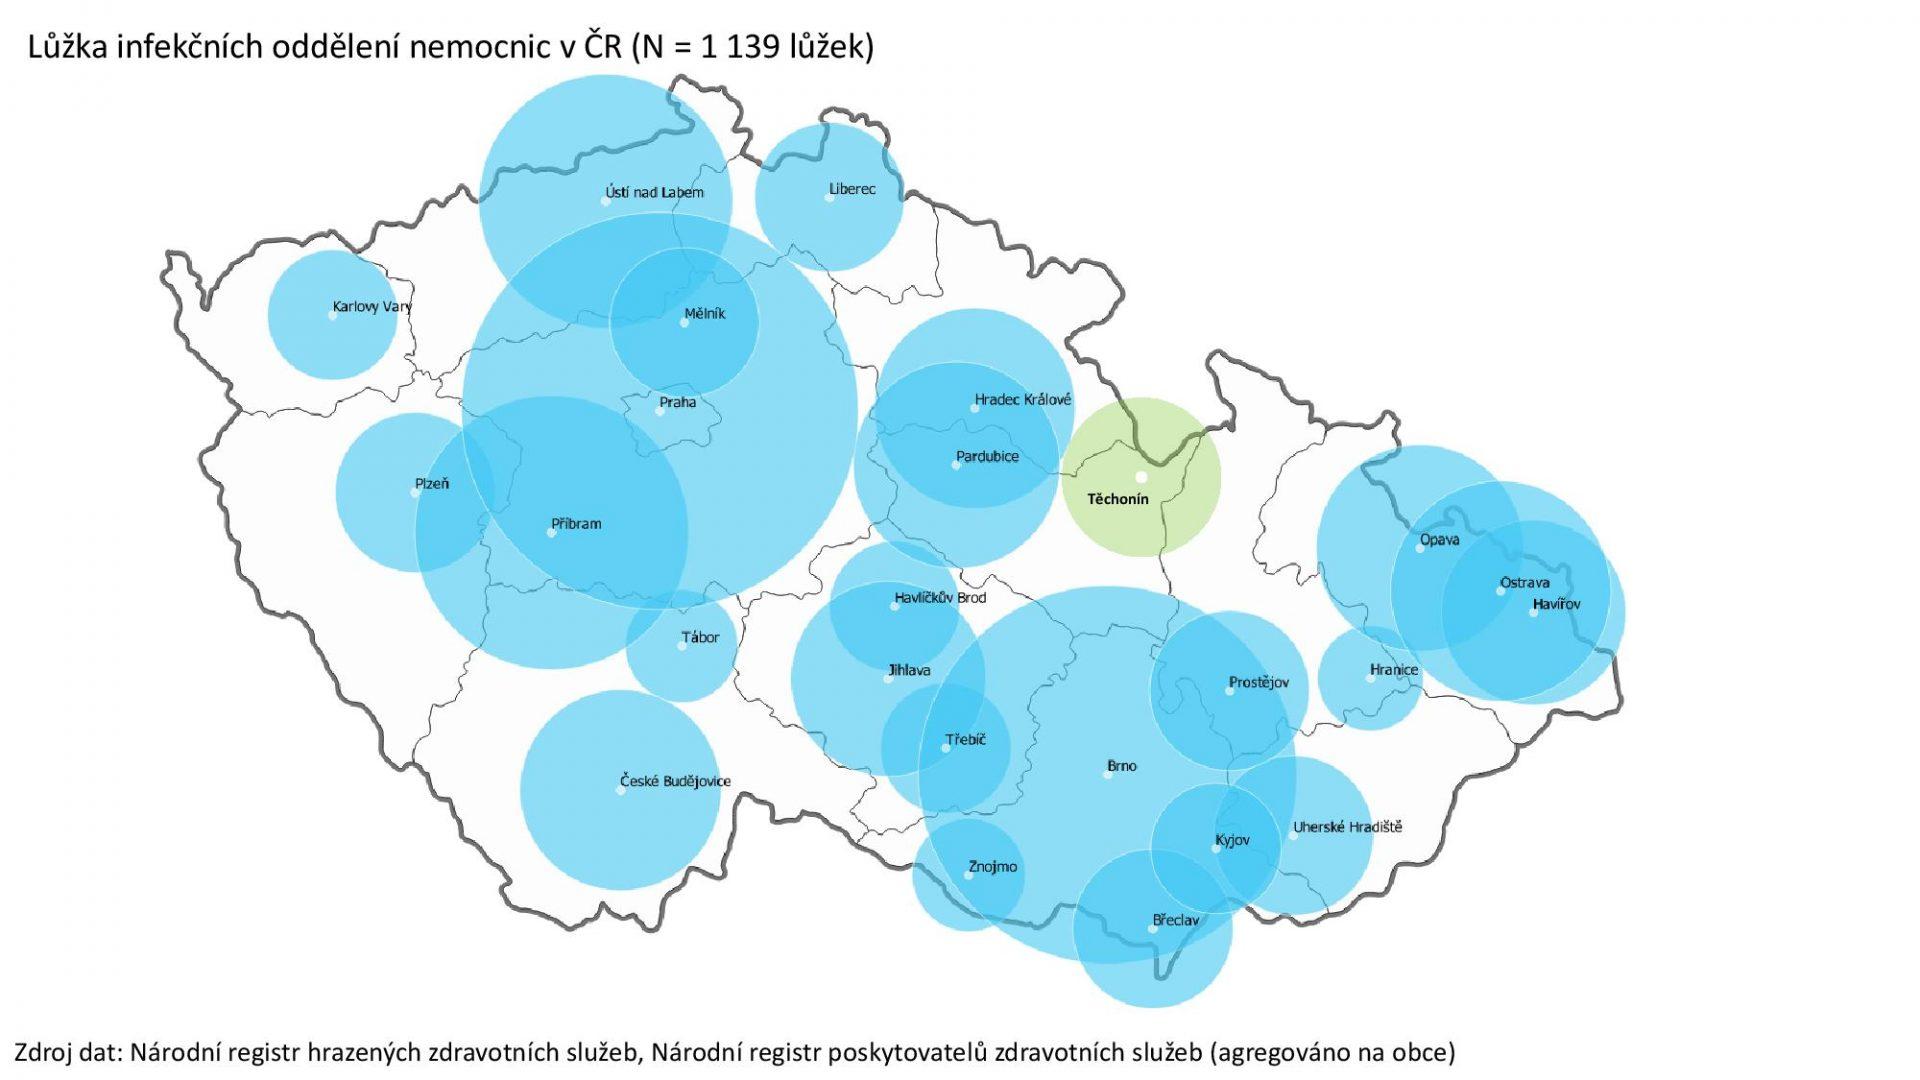 Mapa Lůžek Infekčních Oddělení Nemocnic V ČR